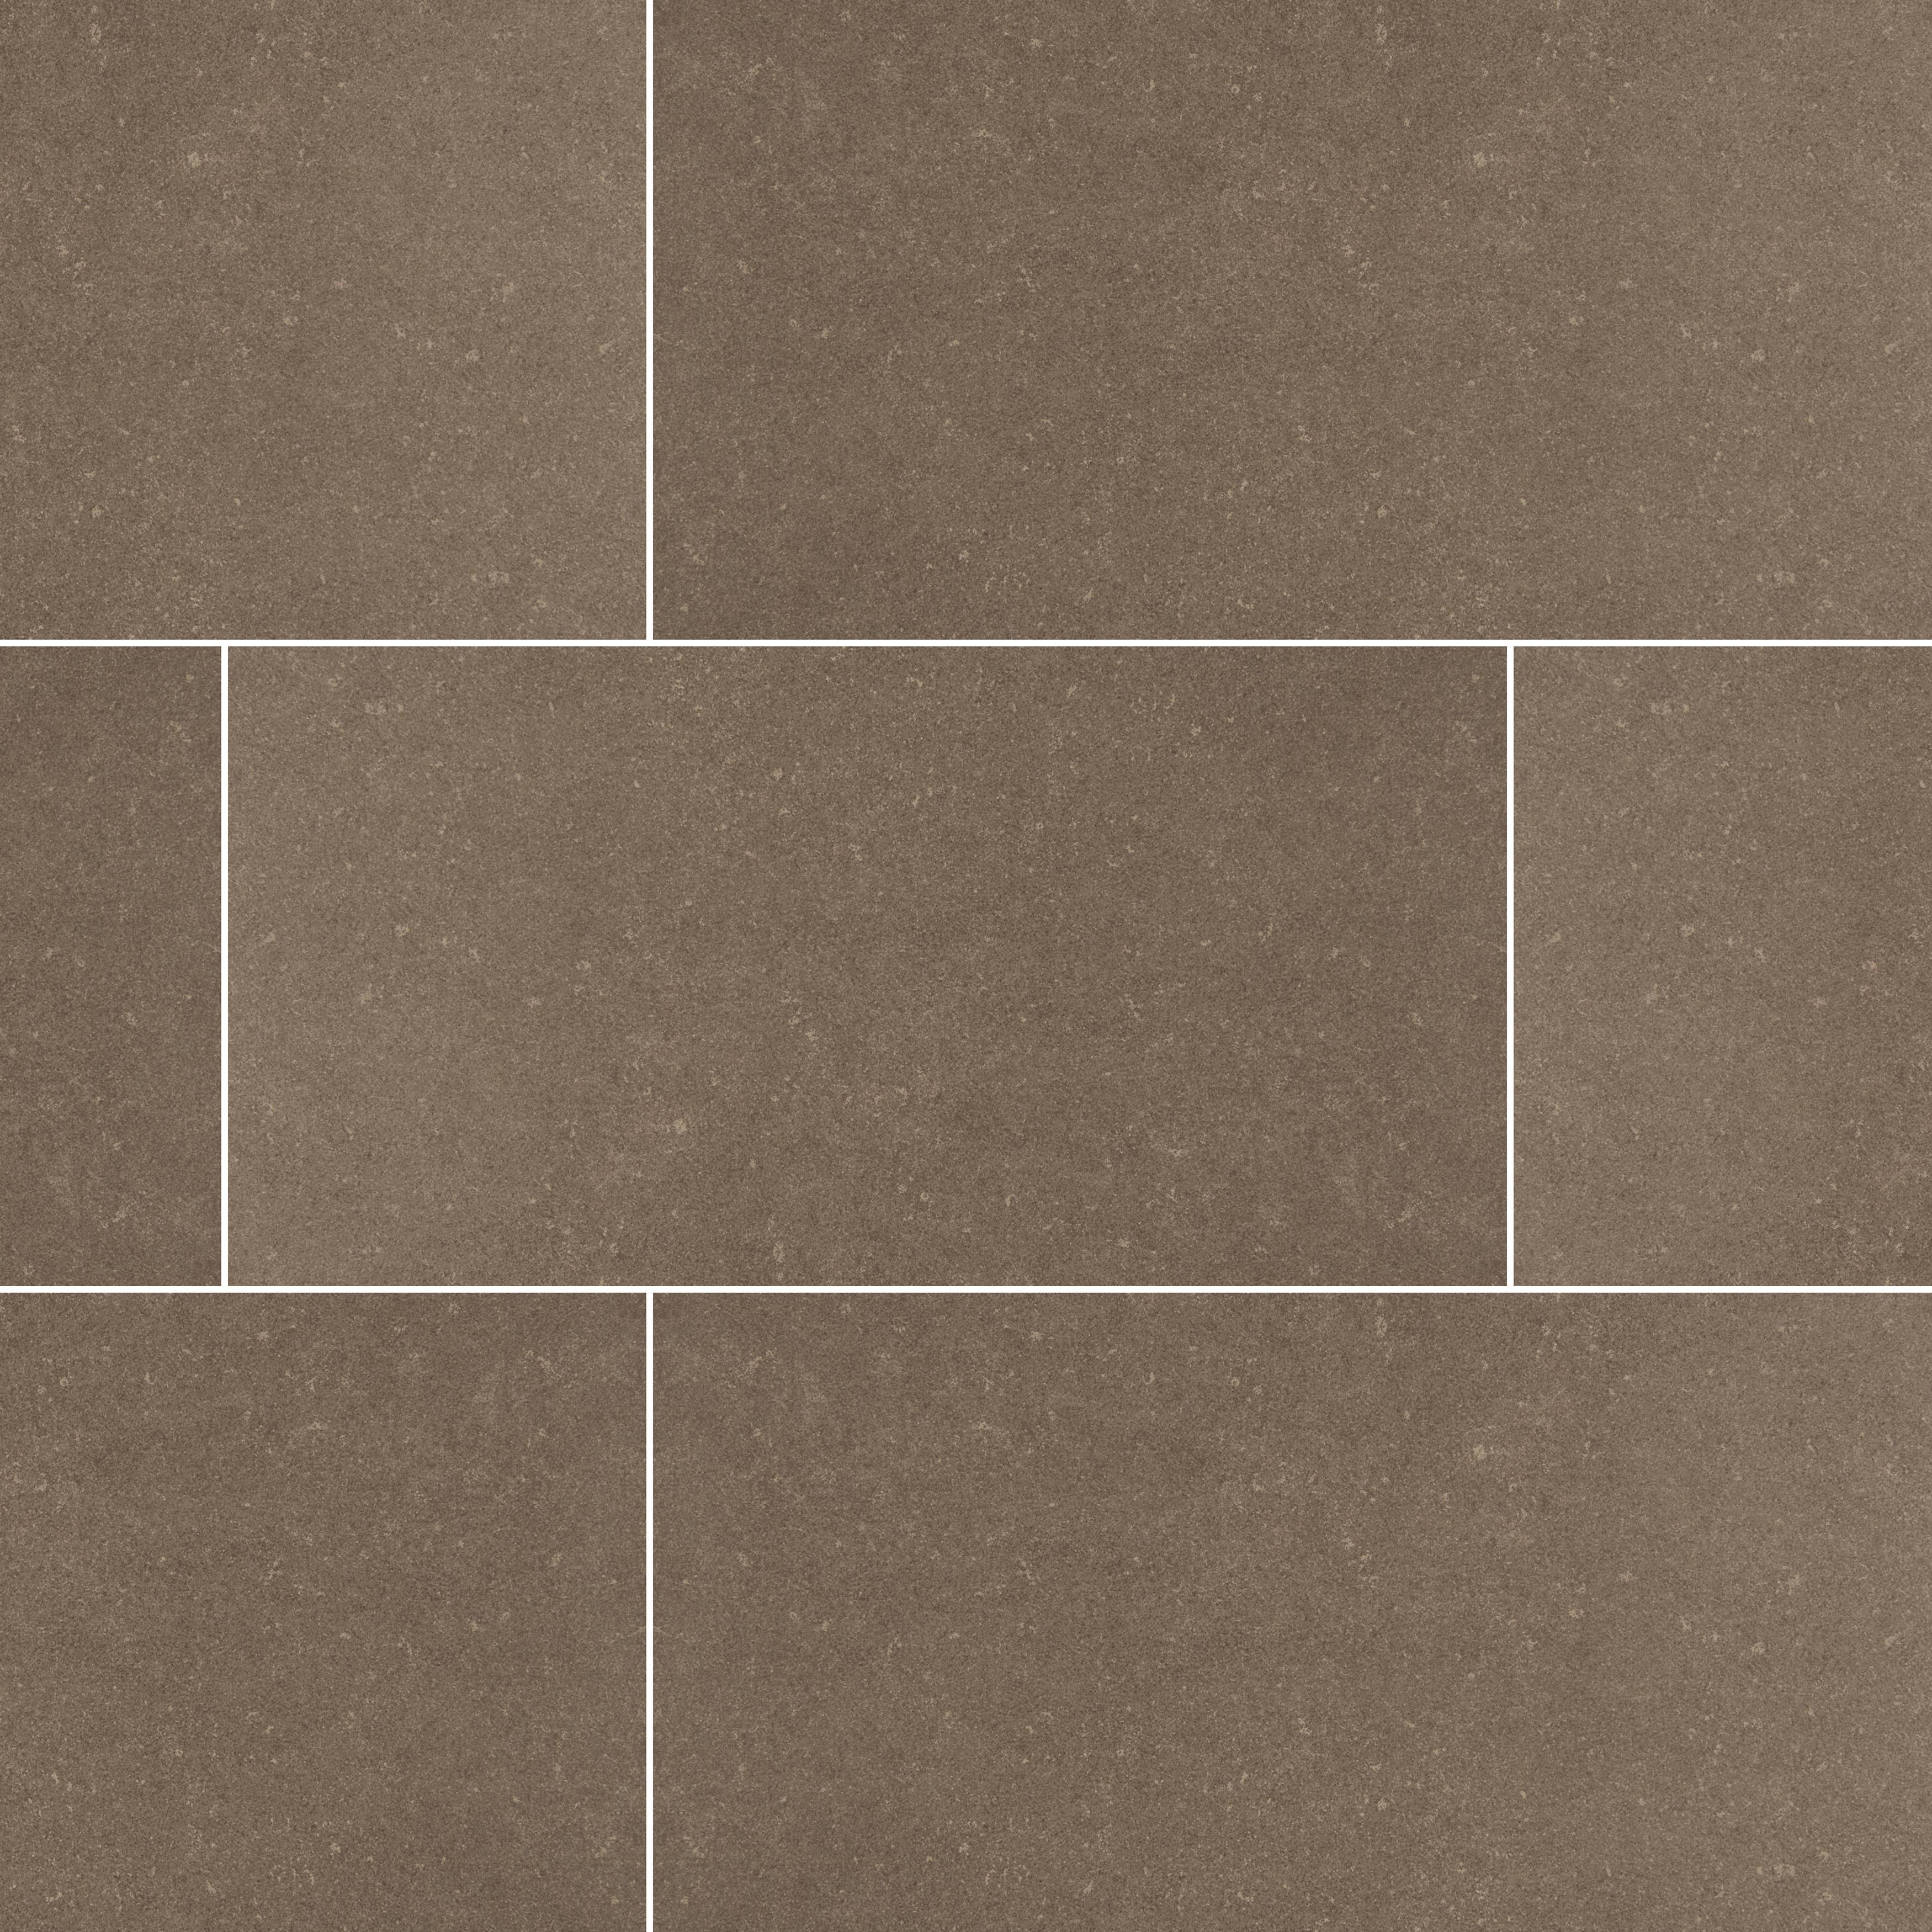 """Concrete / 24""""x48"""" / MATTE Porcelain Tile Dimensions Series 0"""